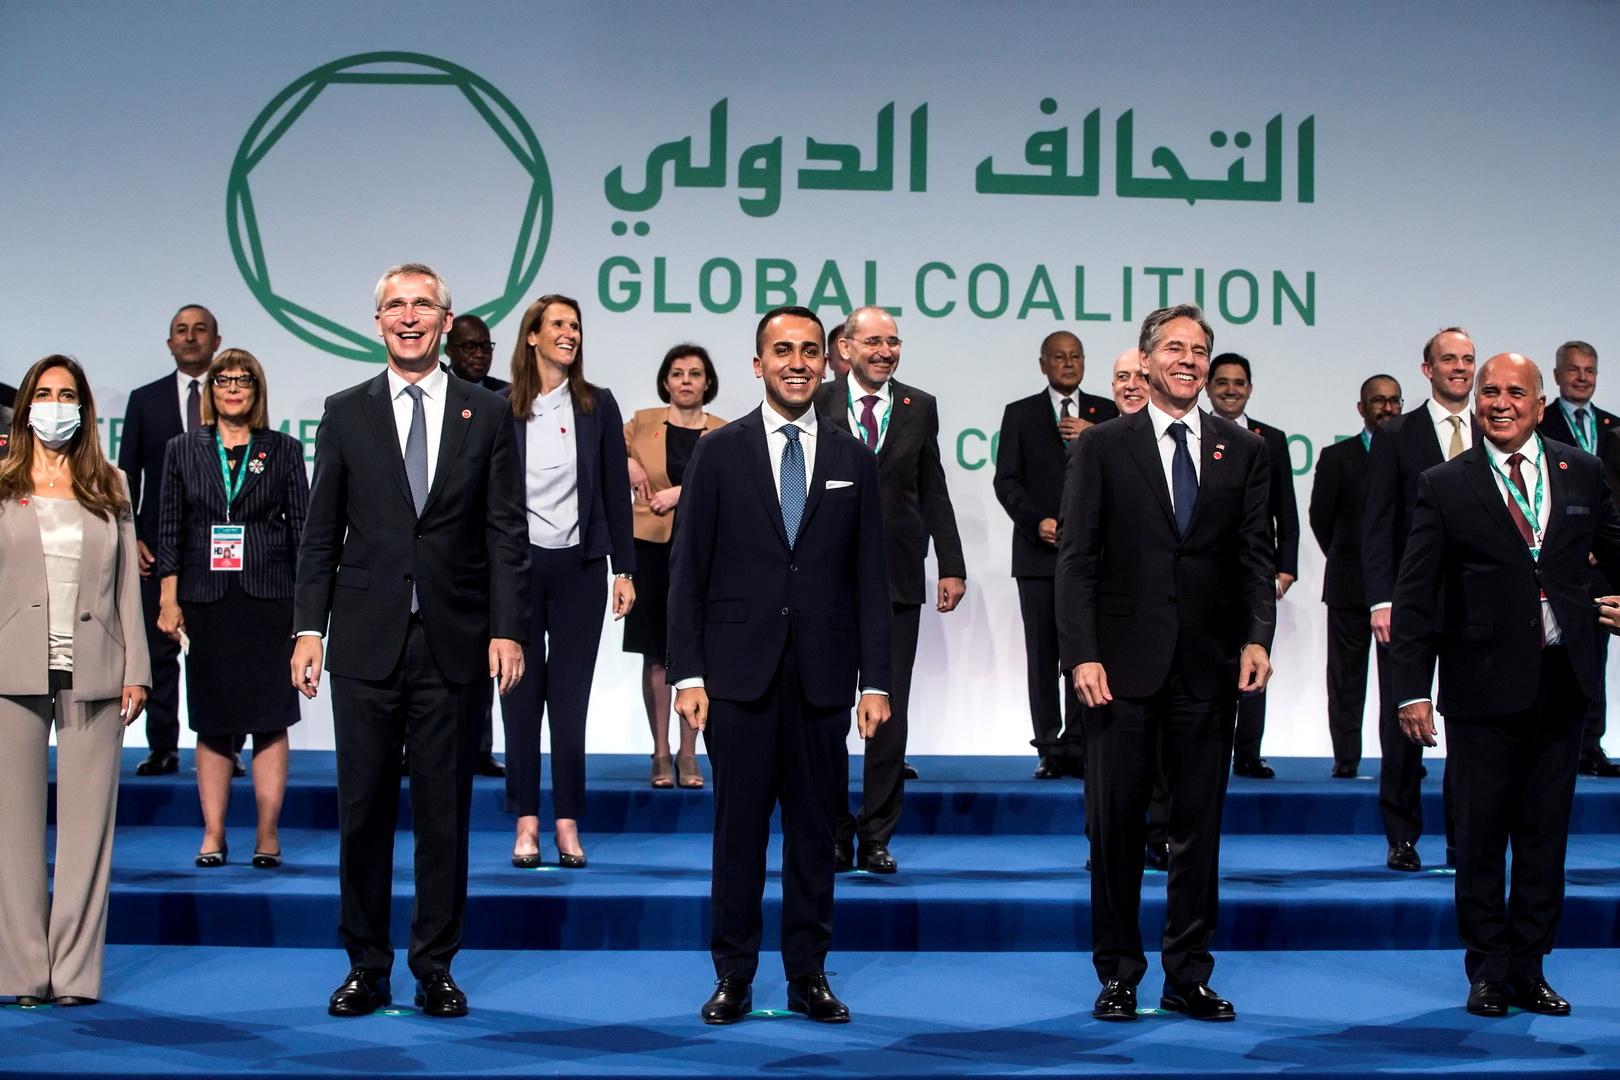 19 دولة بقيادة الولايات المتحدة تدعو لوقف إطلاق النار في سوريا مع إدخال المساعدات دون عوائق